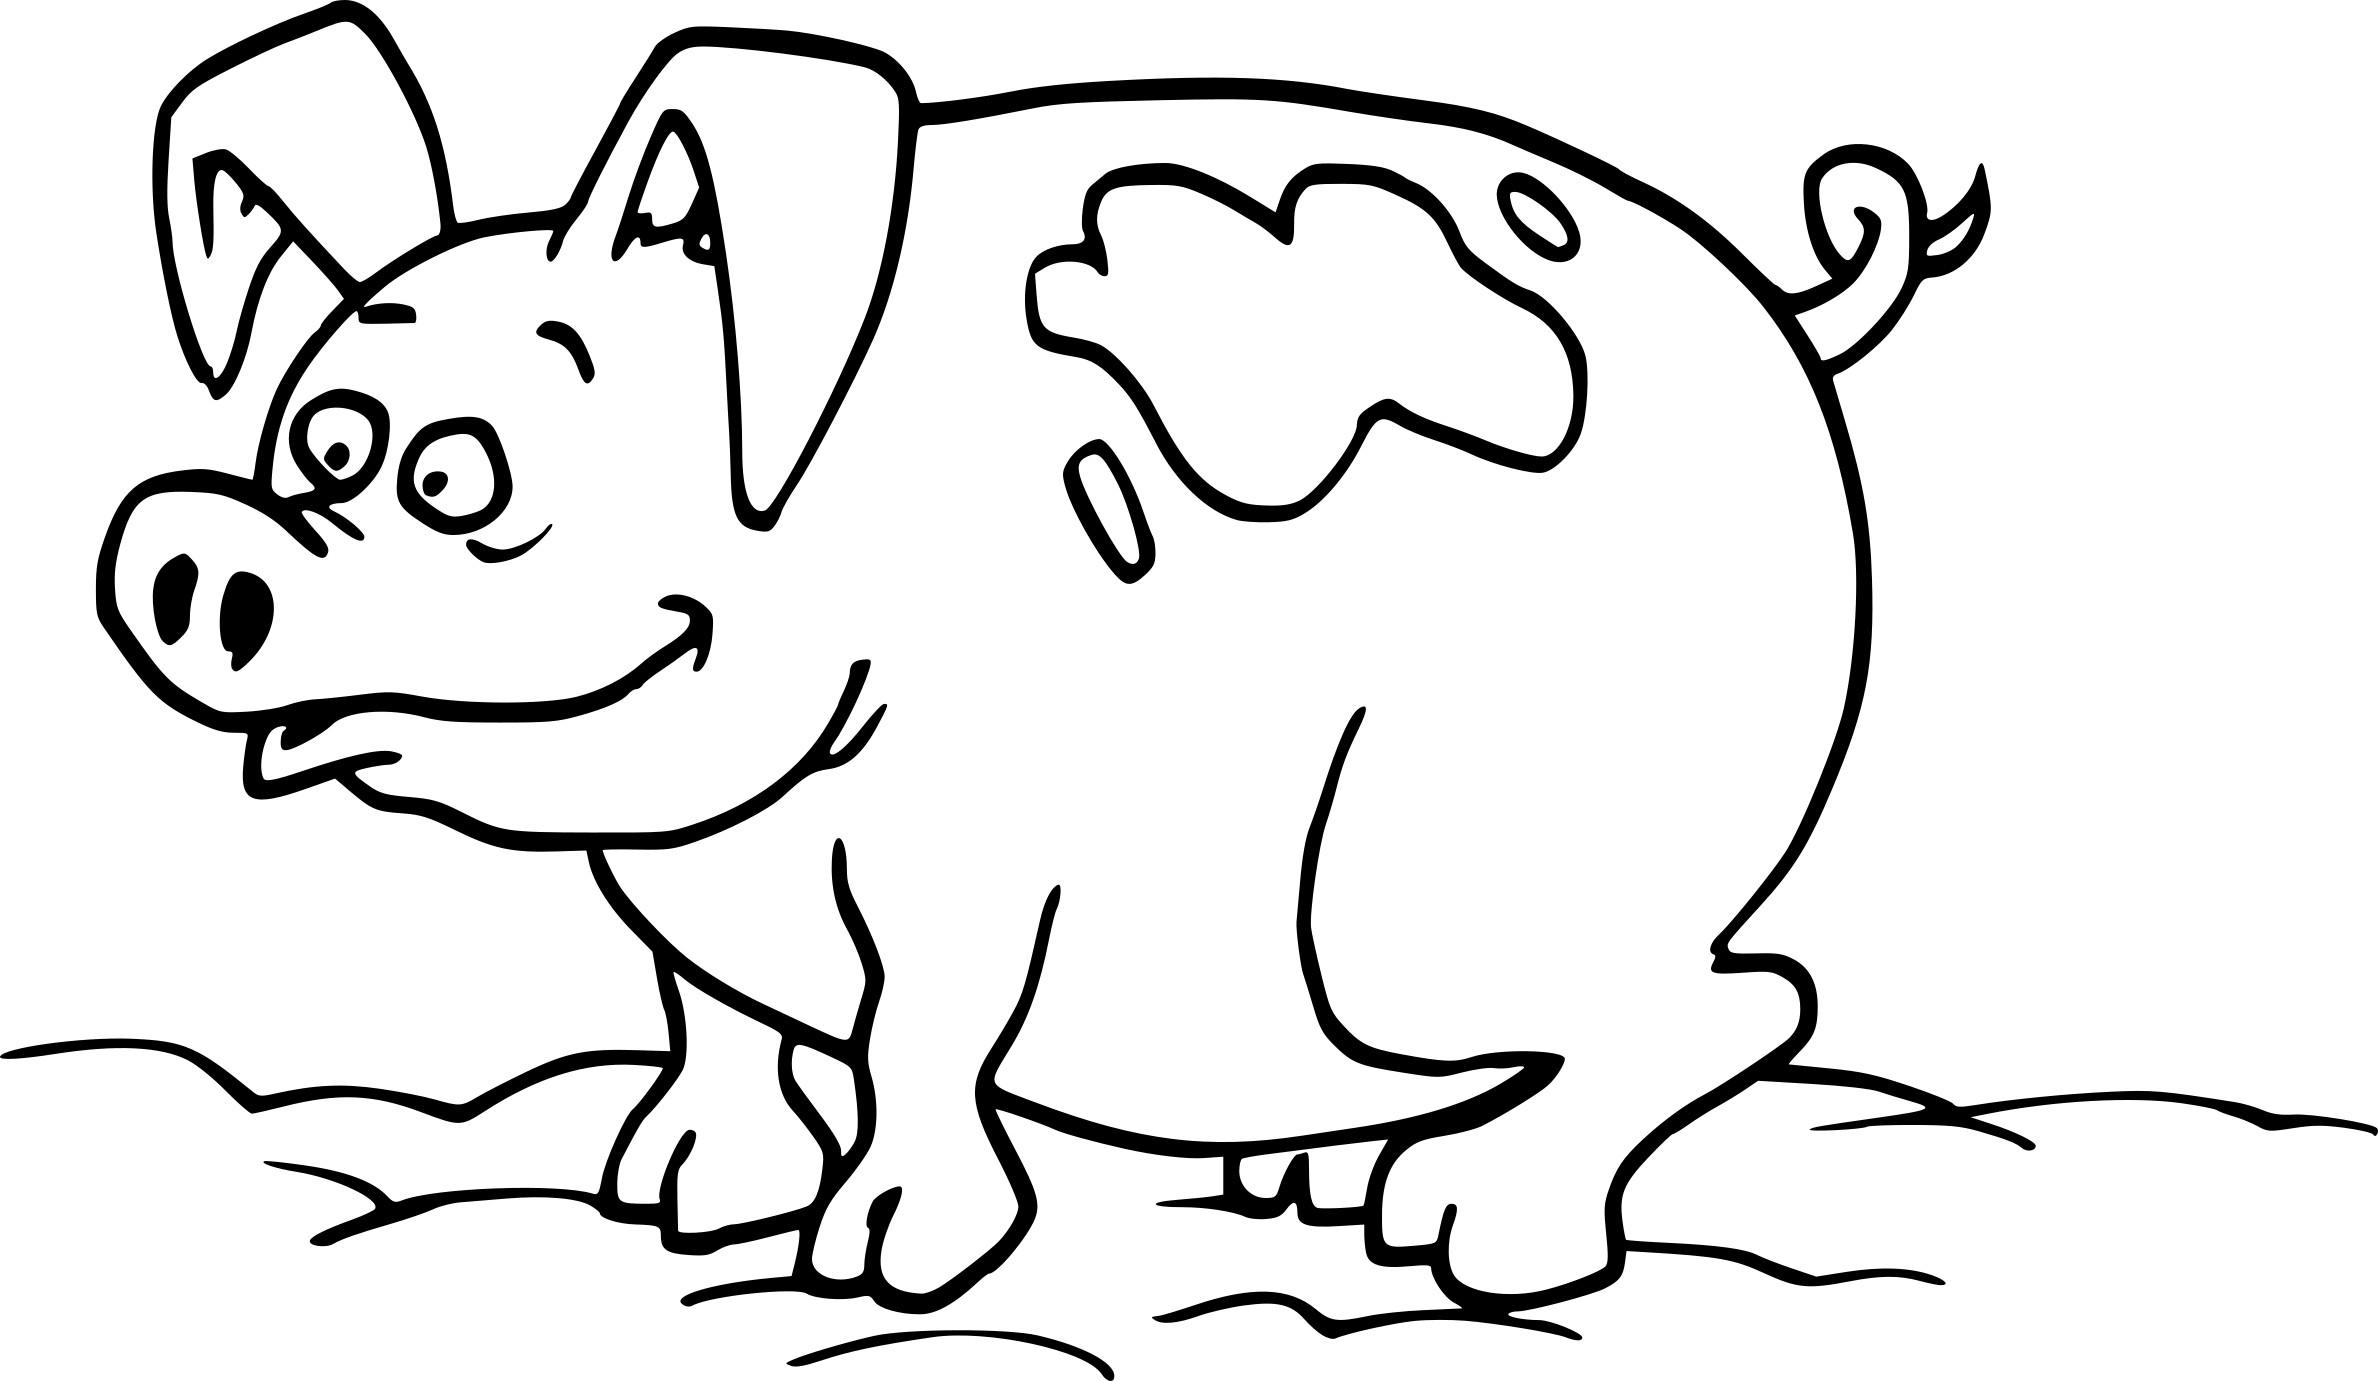 Coloriage Cochon Boue À Imprimer Sur Coloriages encequiconcerne Dessin À Colorier Cochon